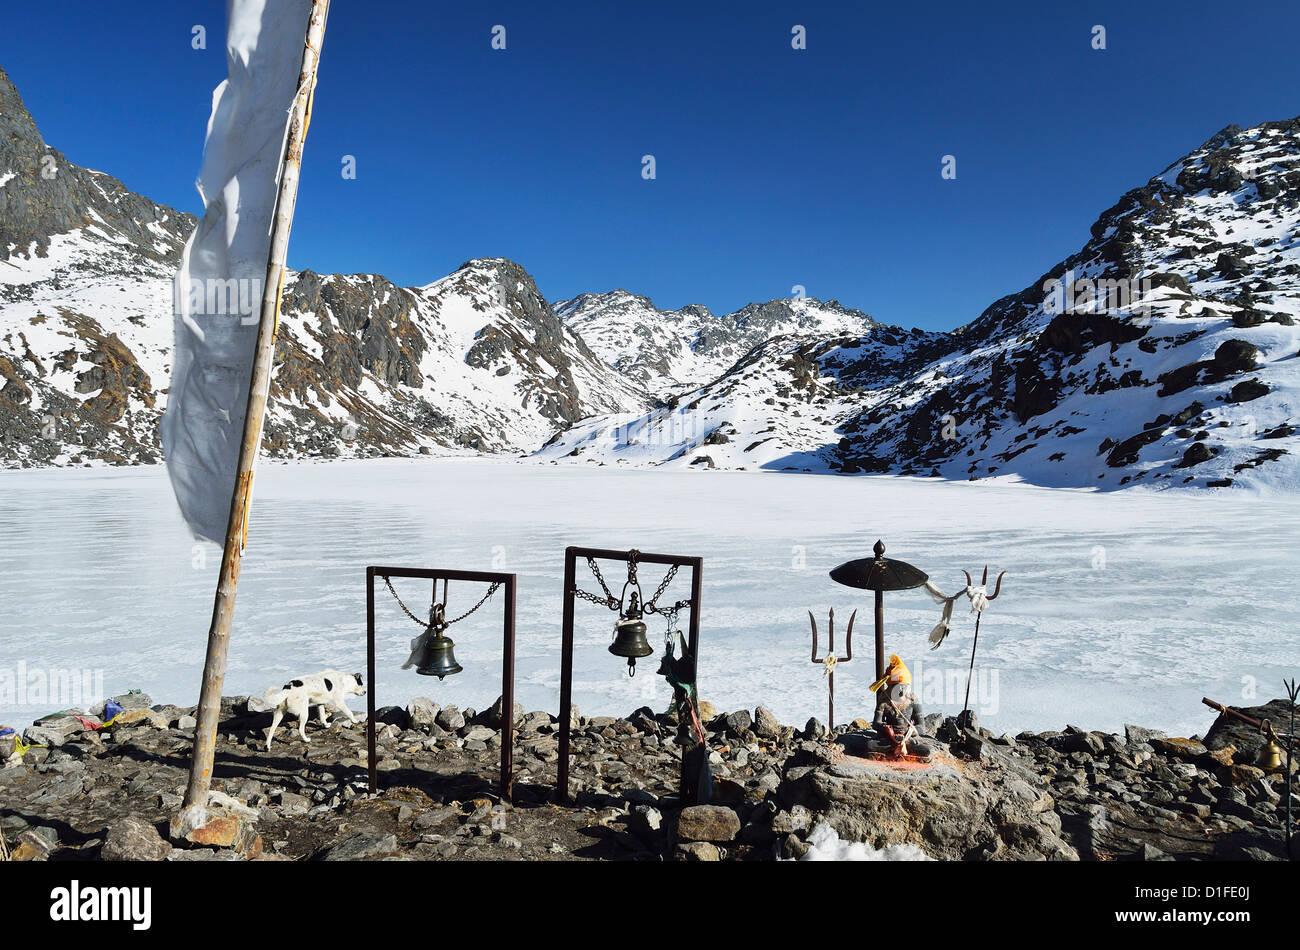 Les lacs Gosainkund, Langtang National Park, Bagmati, région centrale (Madhyamanchal), Népal, Himalaya, Photo Stock